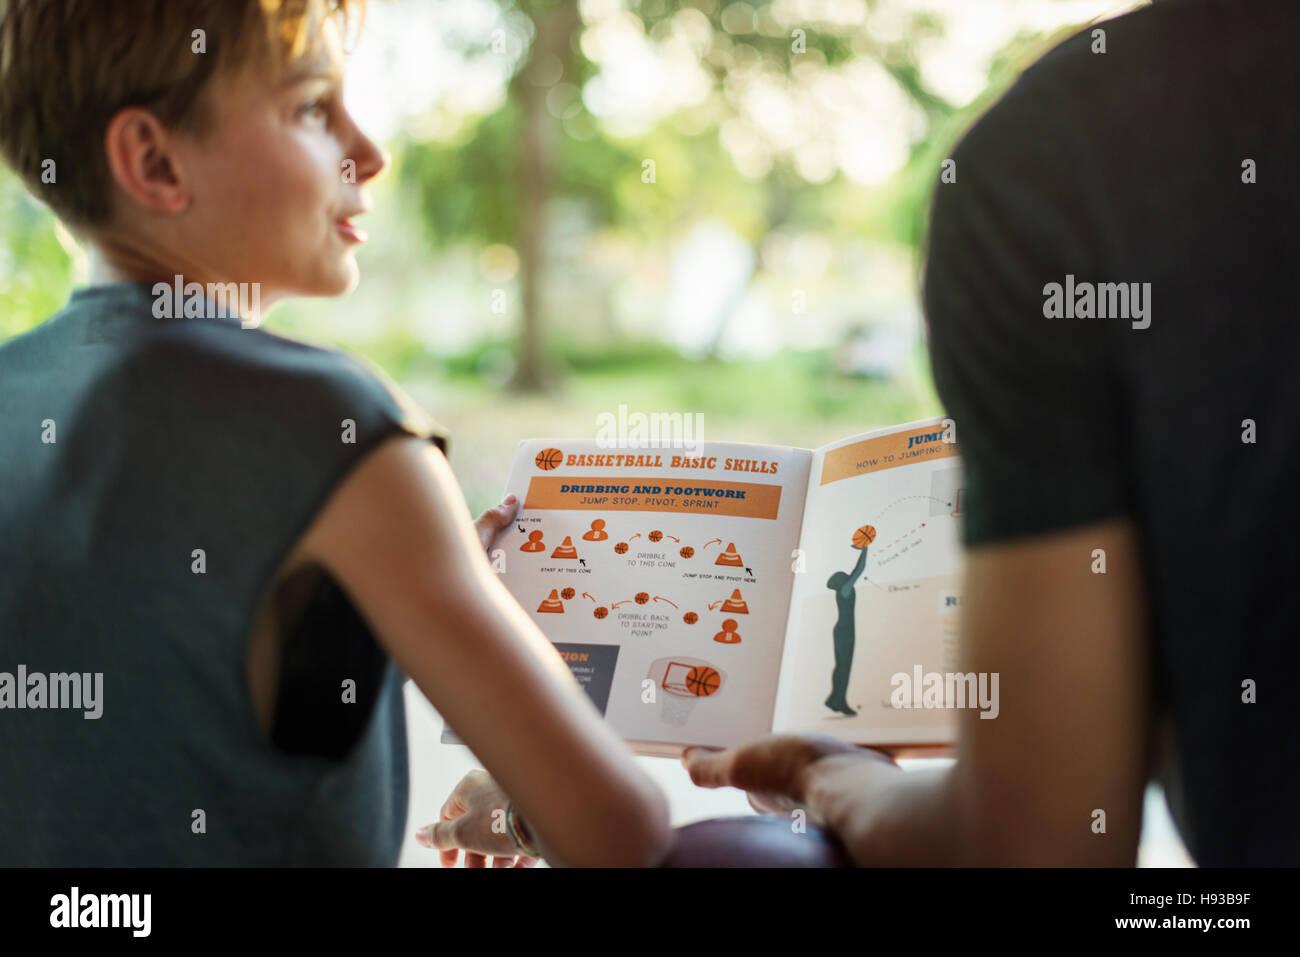 Basketball Game Plan Stockfotos & Basketball Game Plan Bilder ...